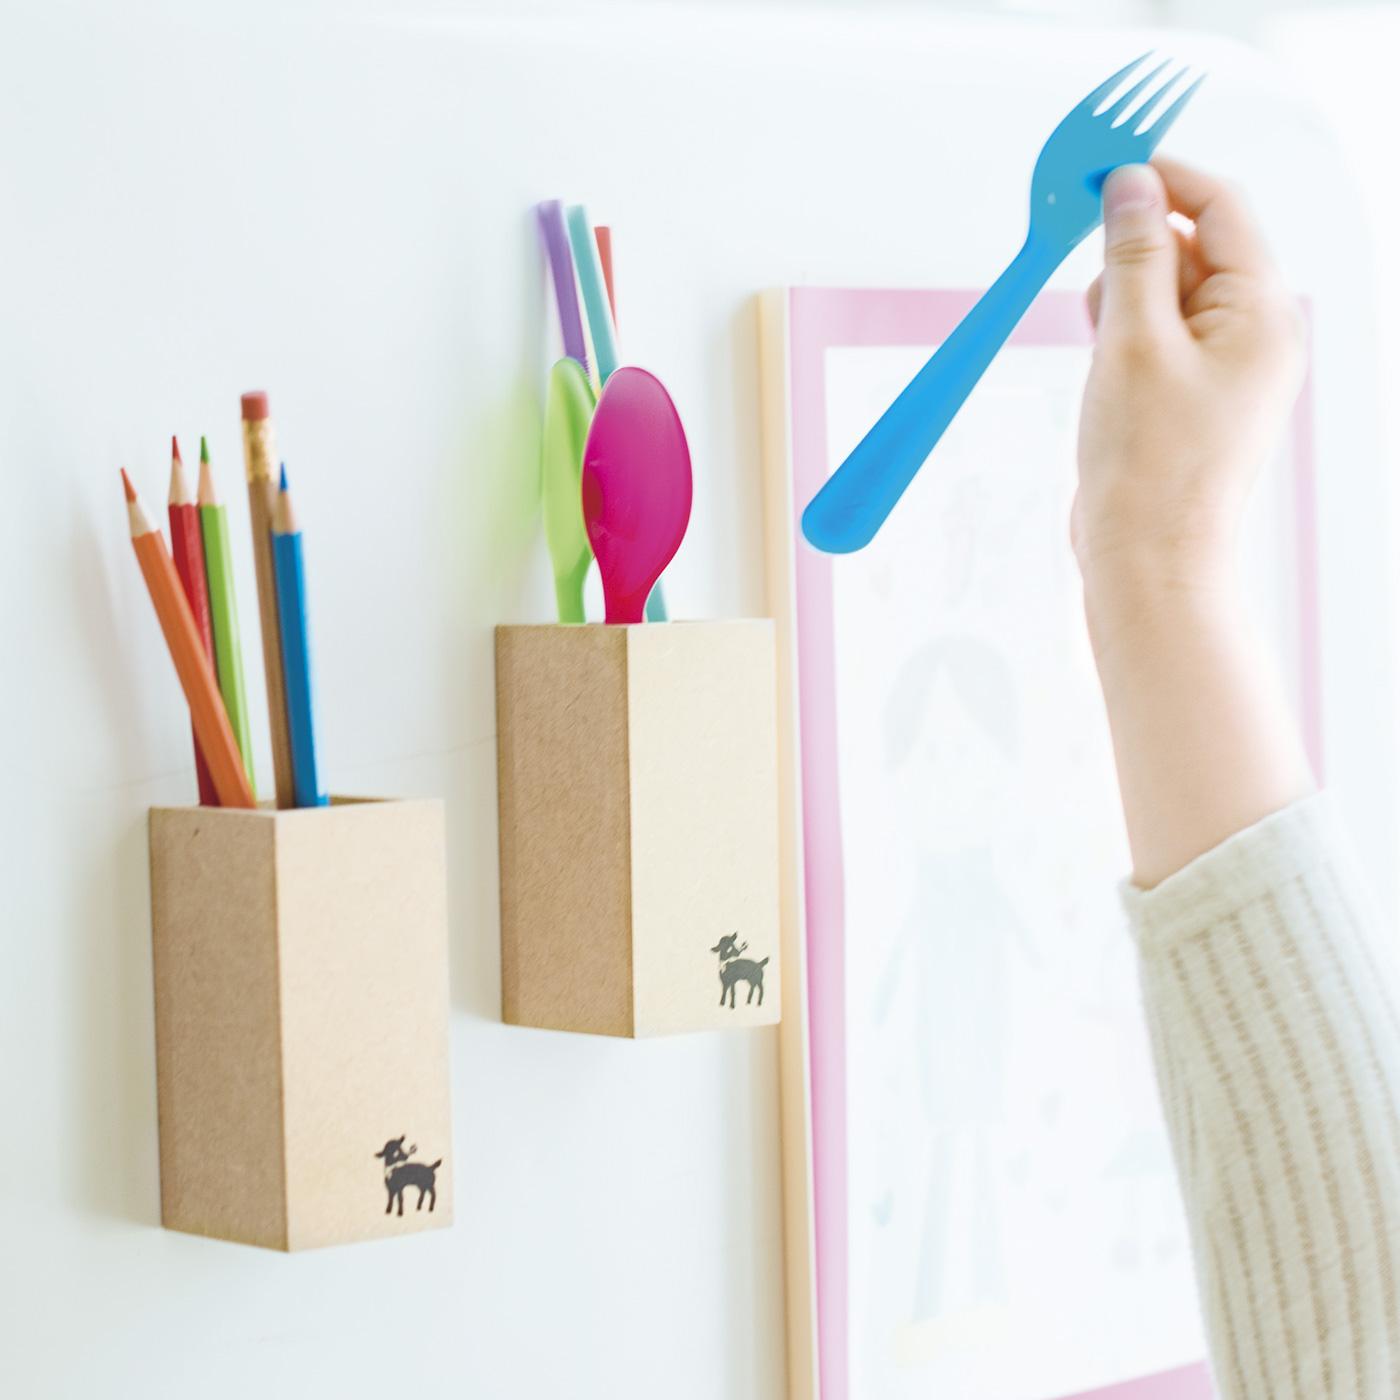 ボールペン用、色鉛筆用など使い分けたり、プラスチックのスプーンやストローの収納にも。